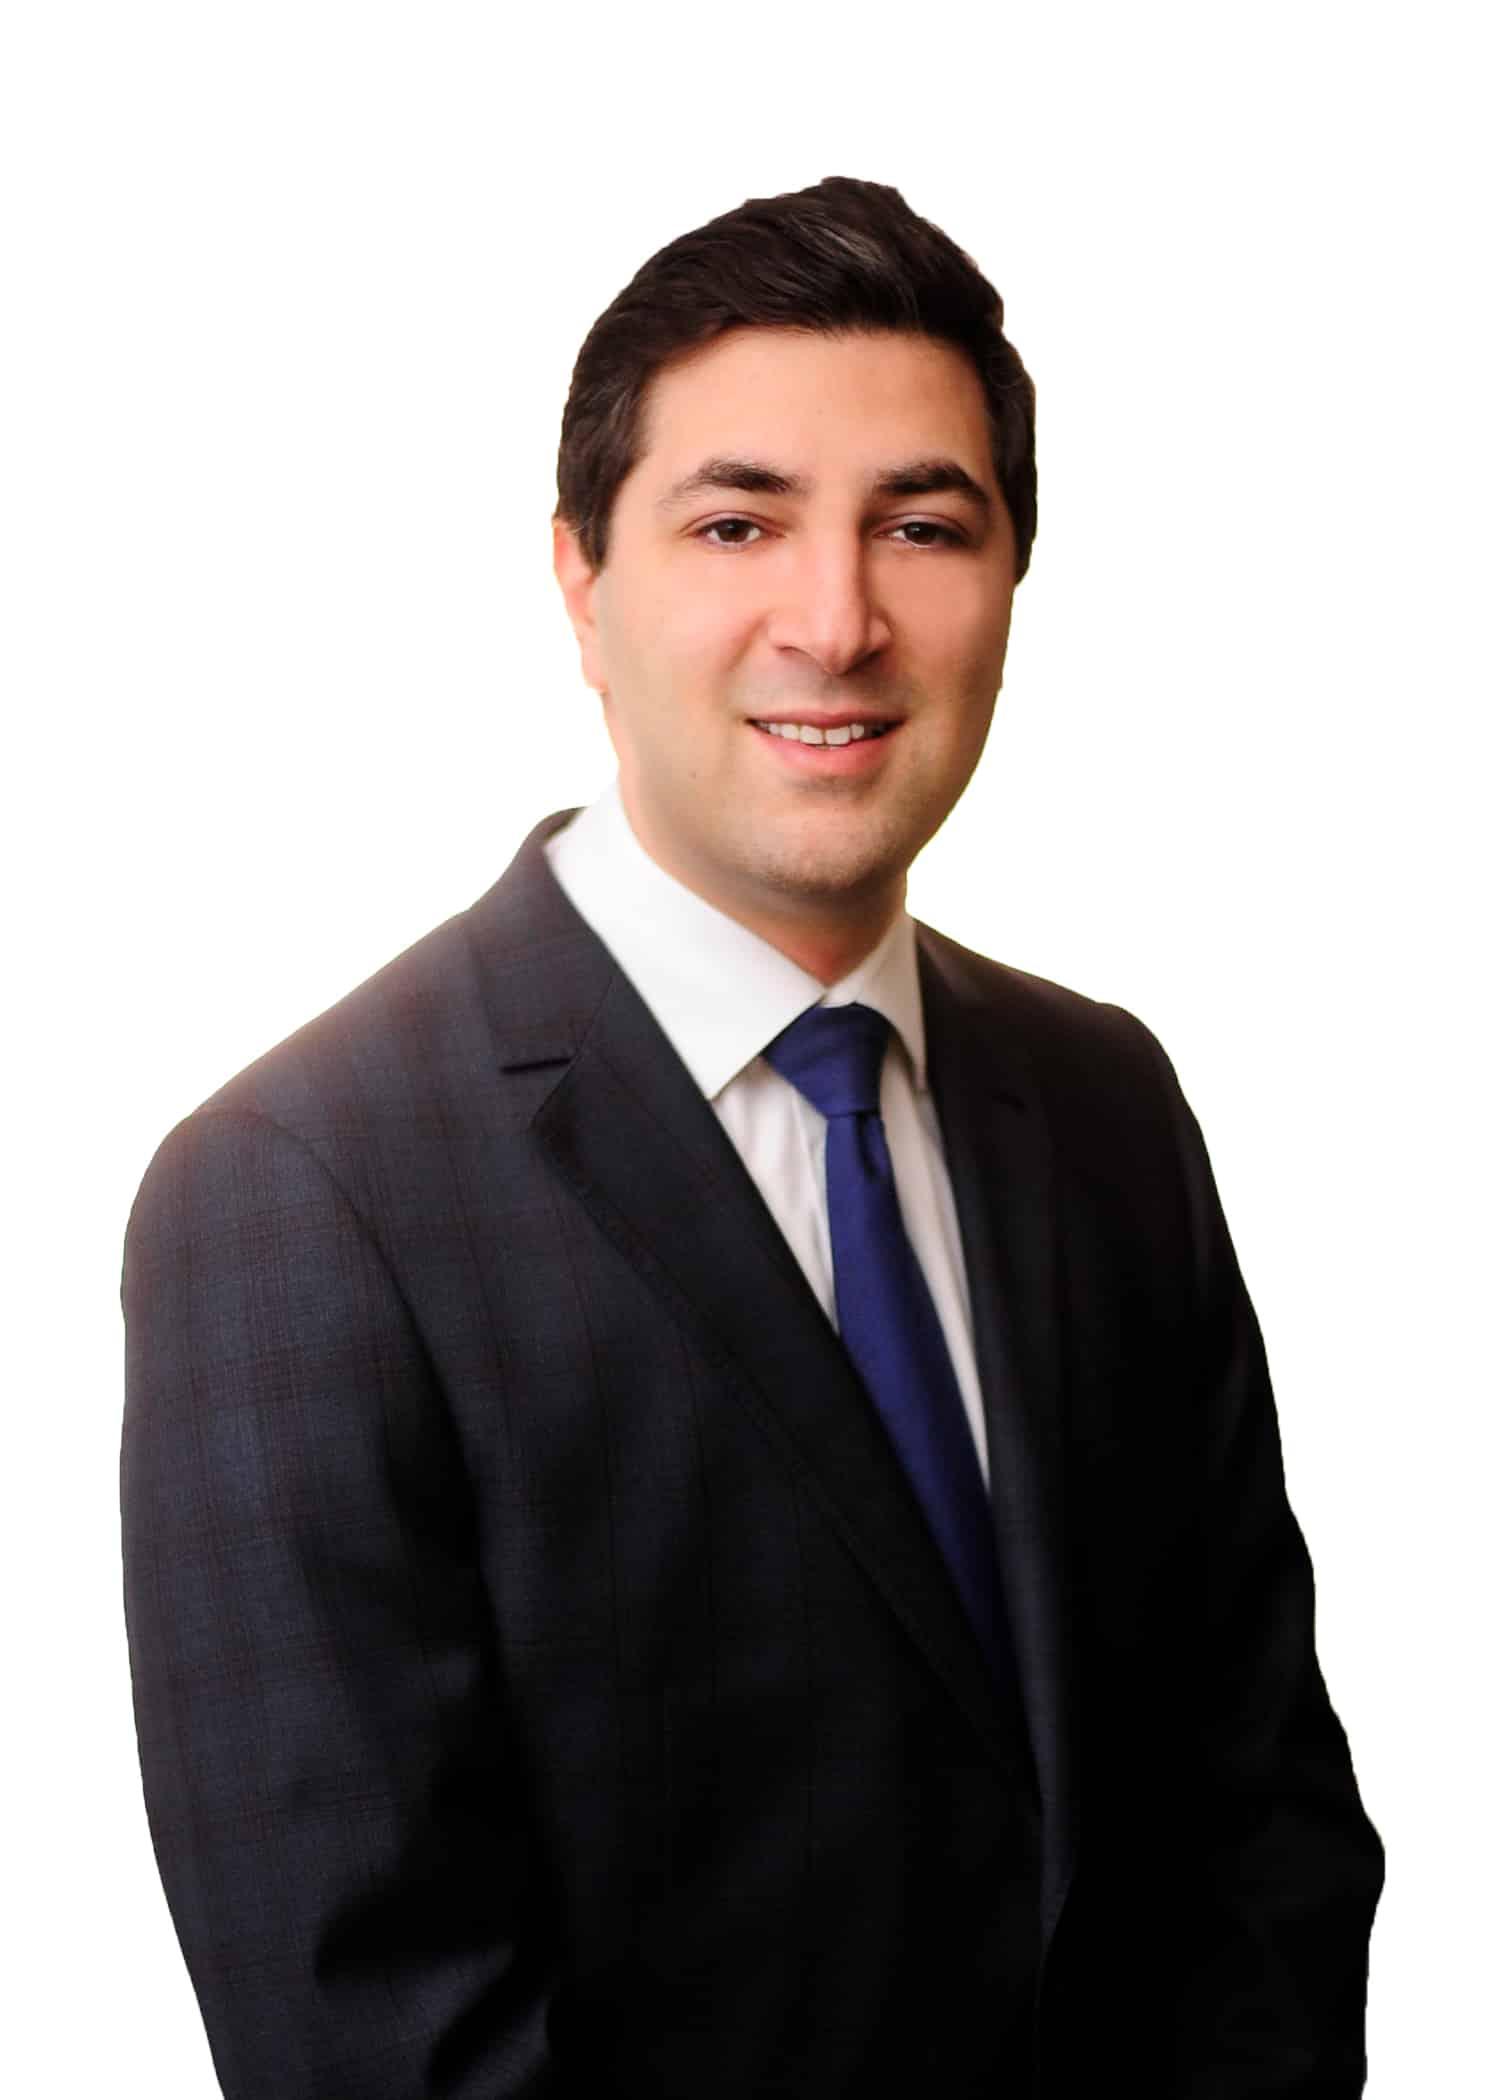 Ali Dadkhah